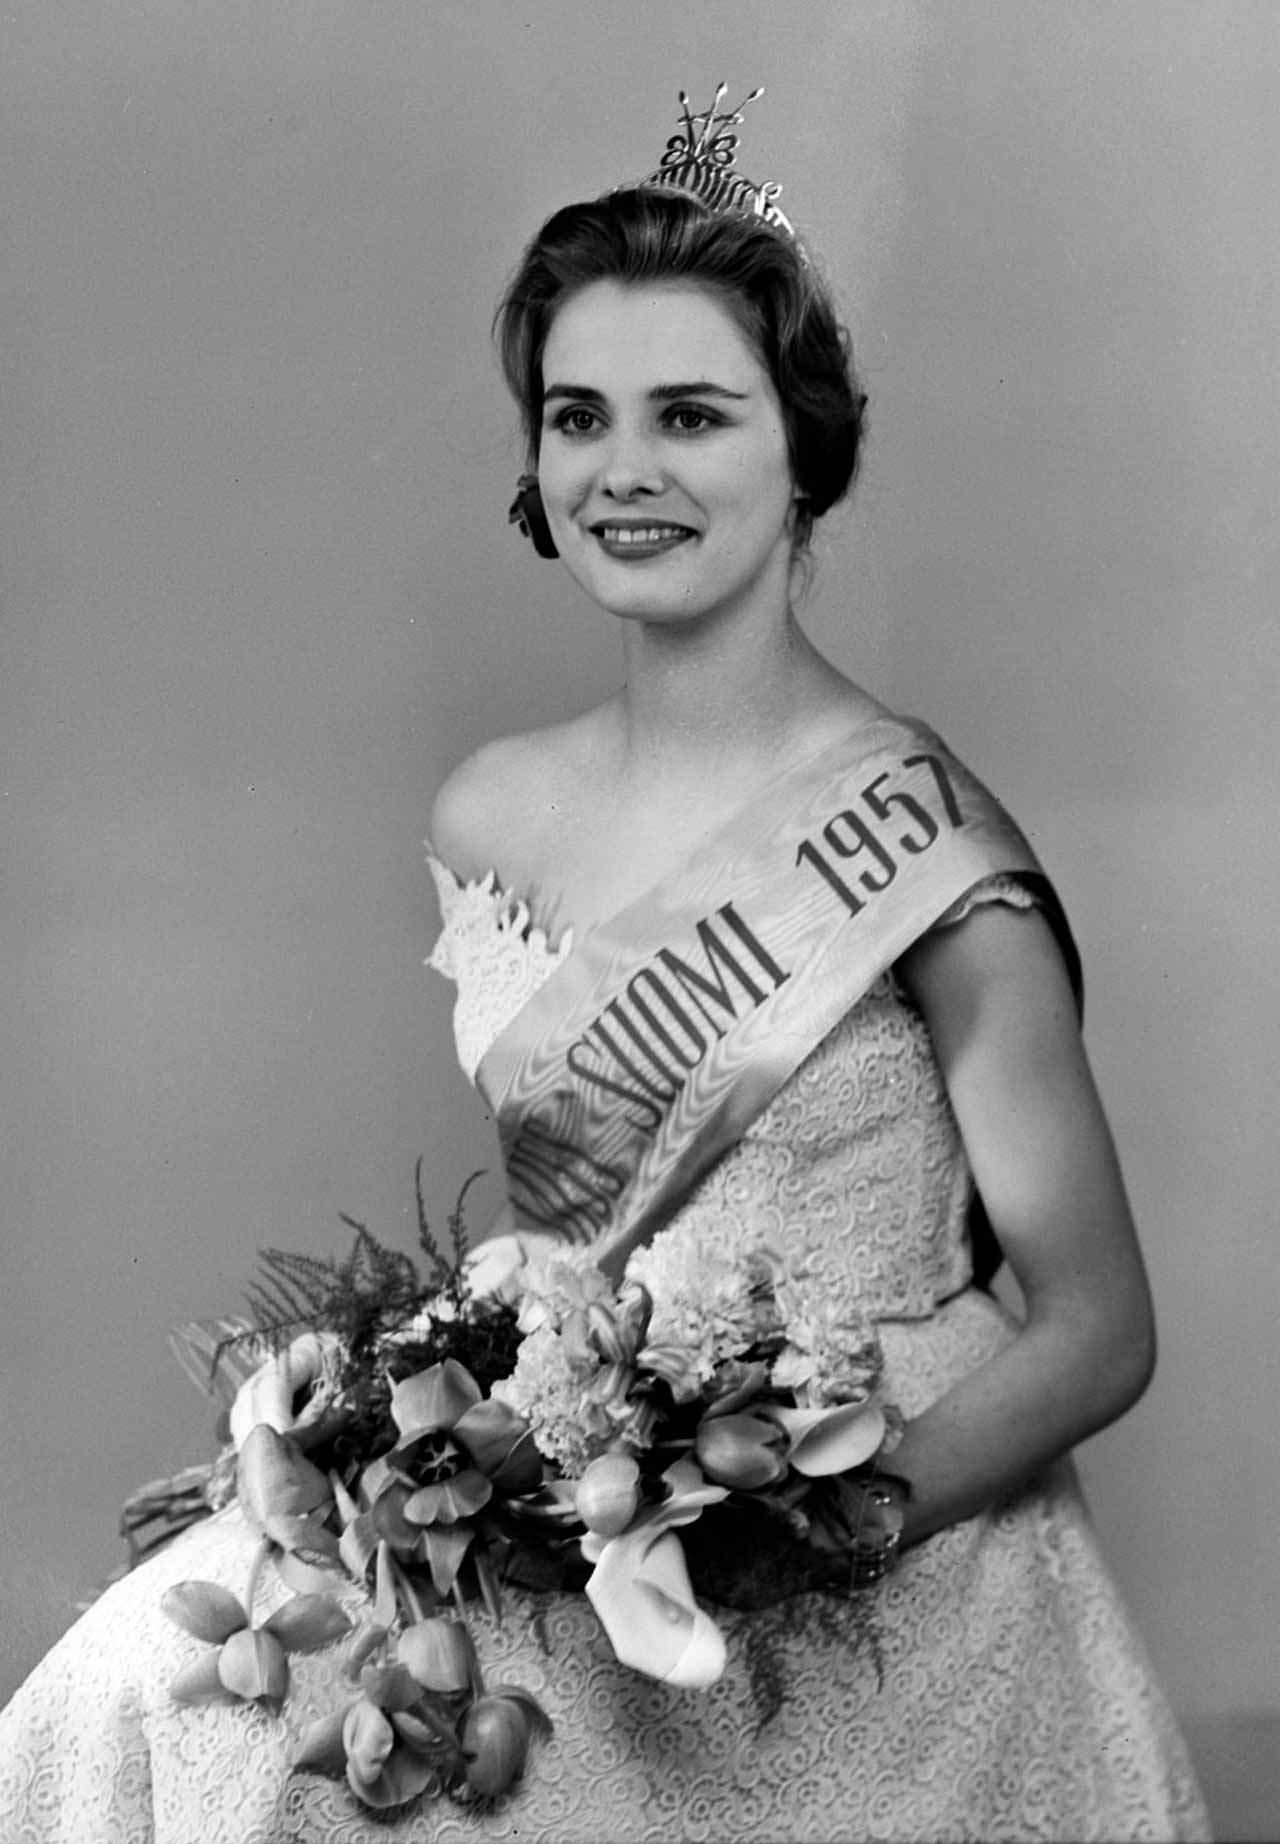 Фото | Мисс Мира 1957 года Марита Линдаль